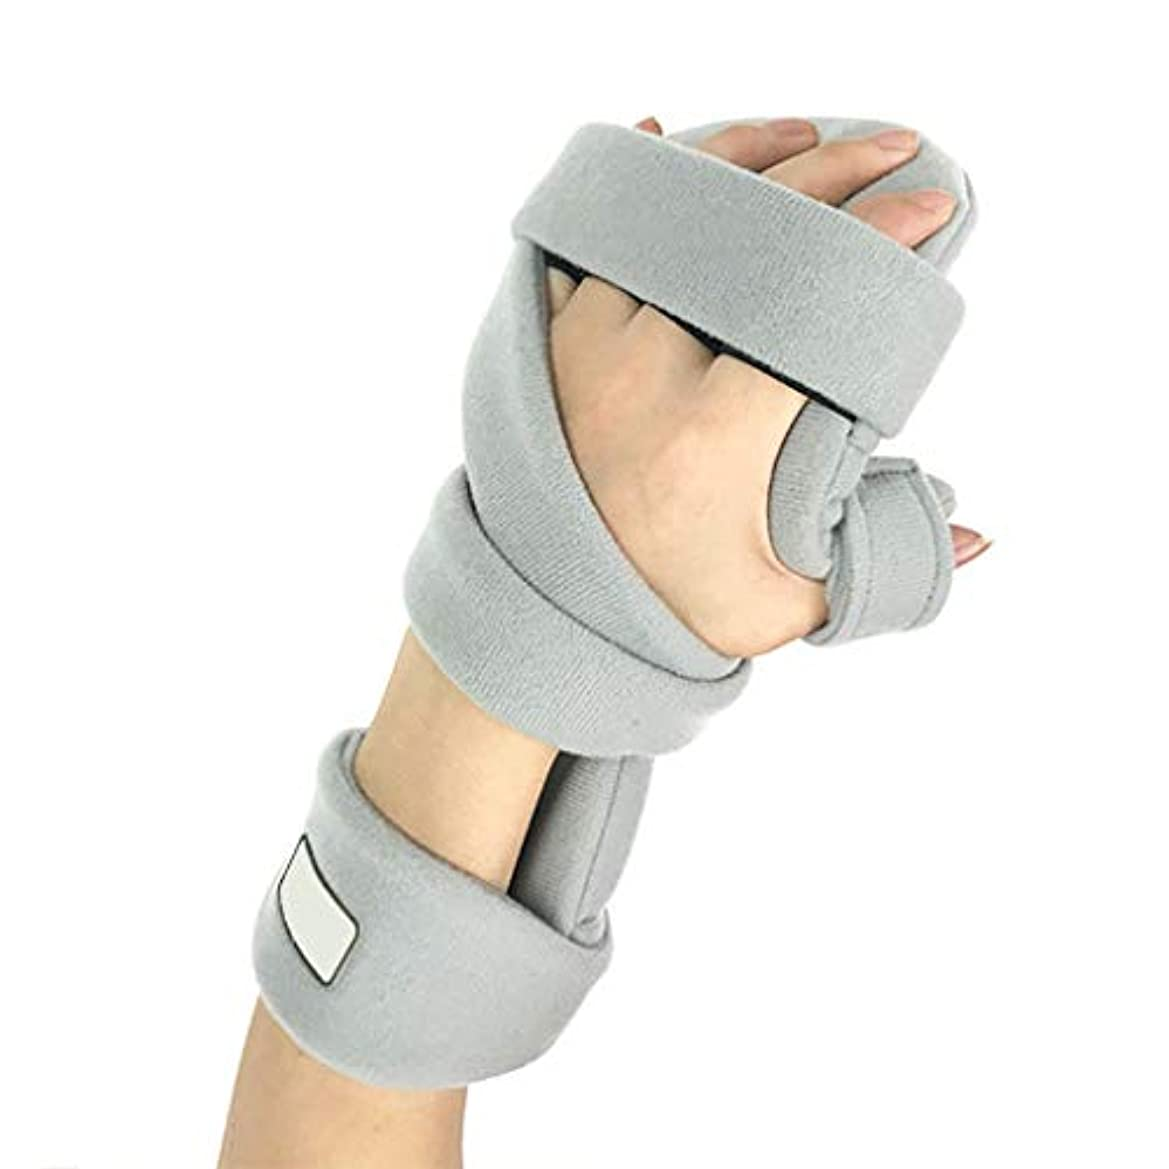 なぞらえる有用個人リハビリテーションの指板 - 調節可能な副子の整形外科の装具、高齢者のために固定される訓練装置の手首の骨折片麻痺,Left